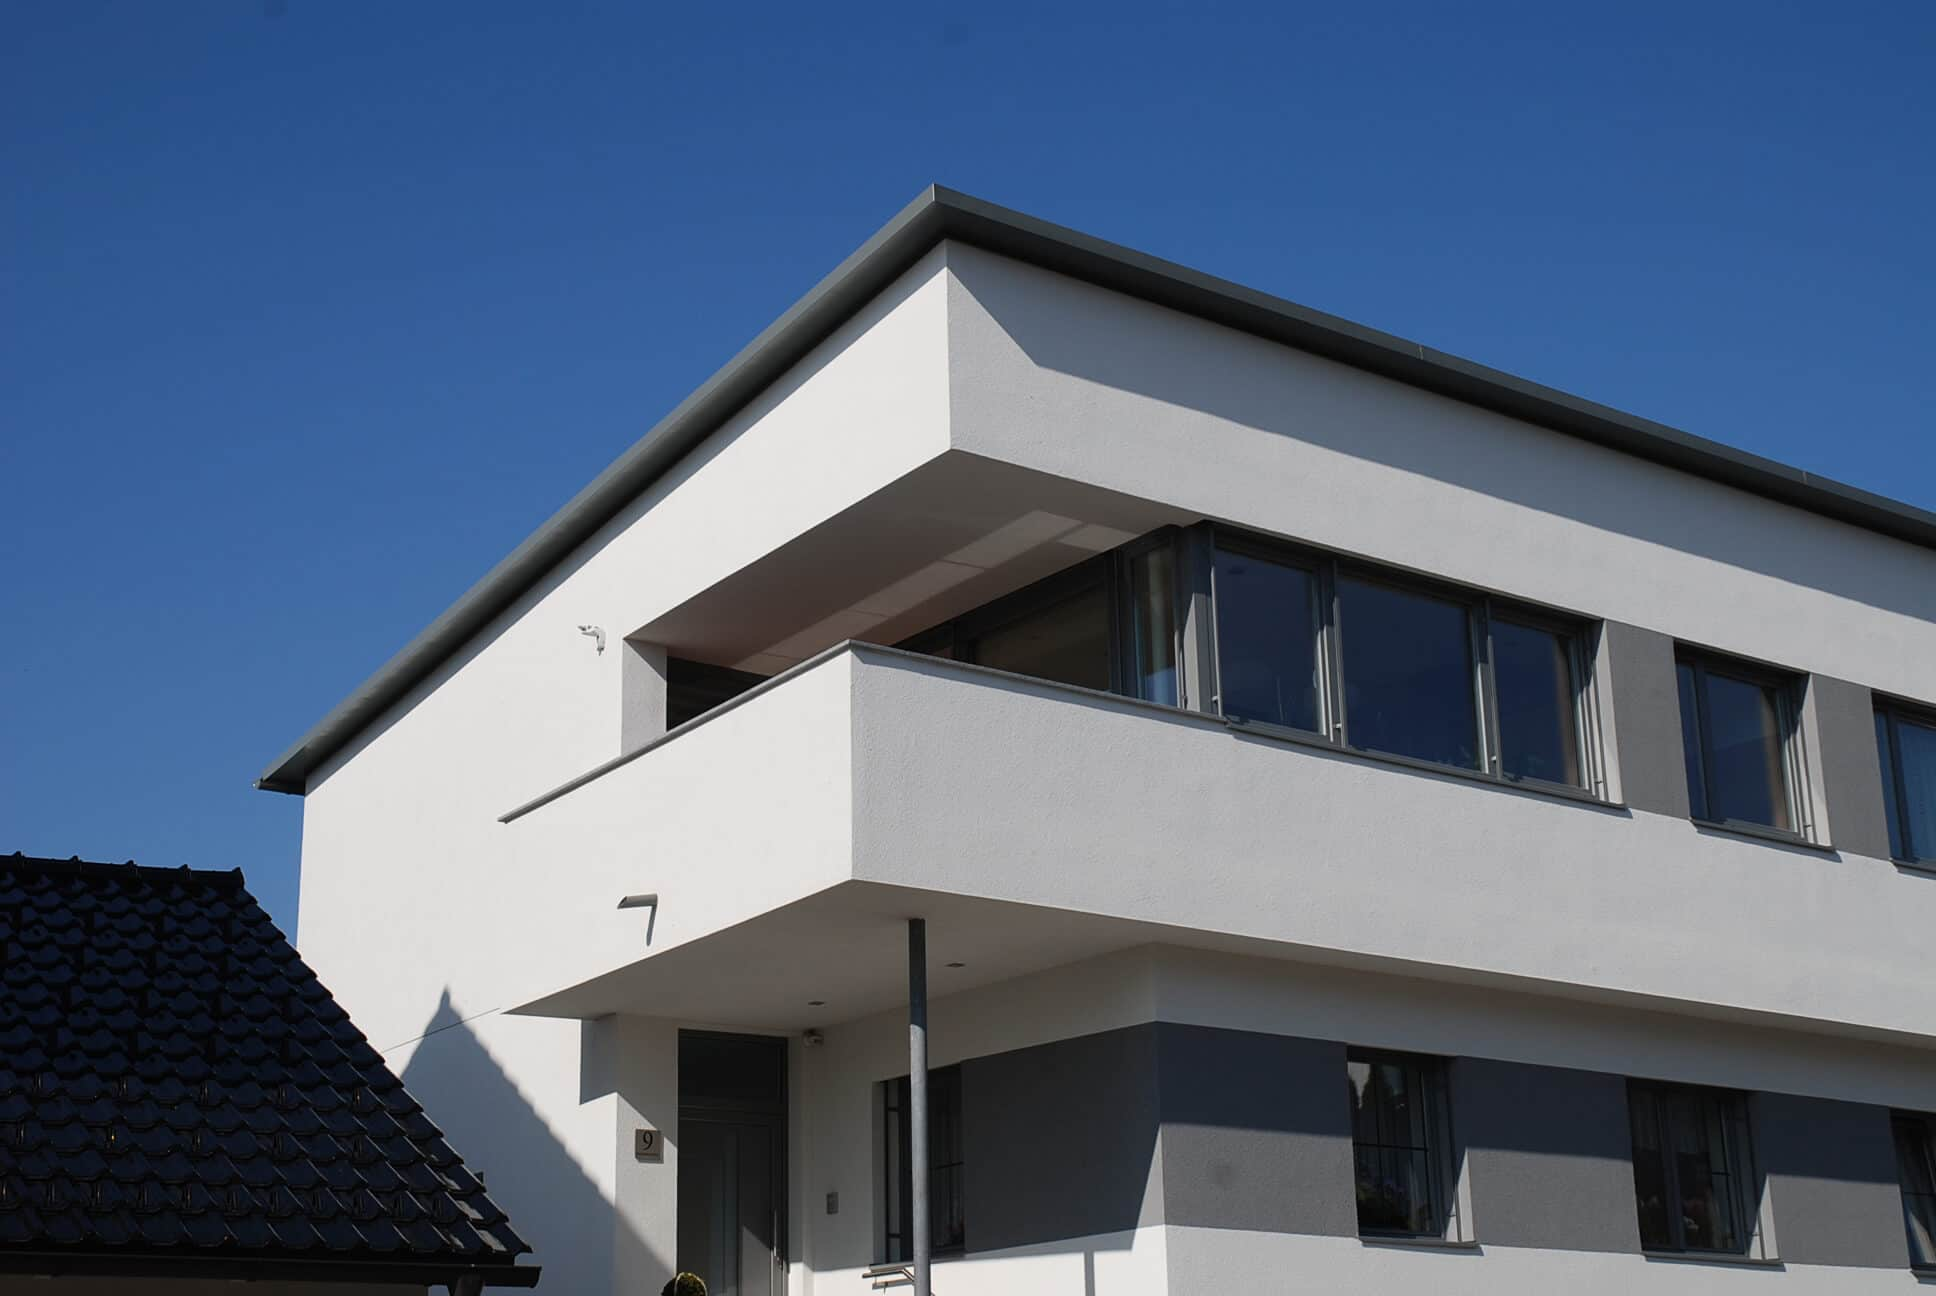 Modernisierung Fenster Einfamilienhaus